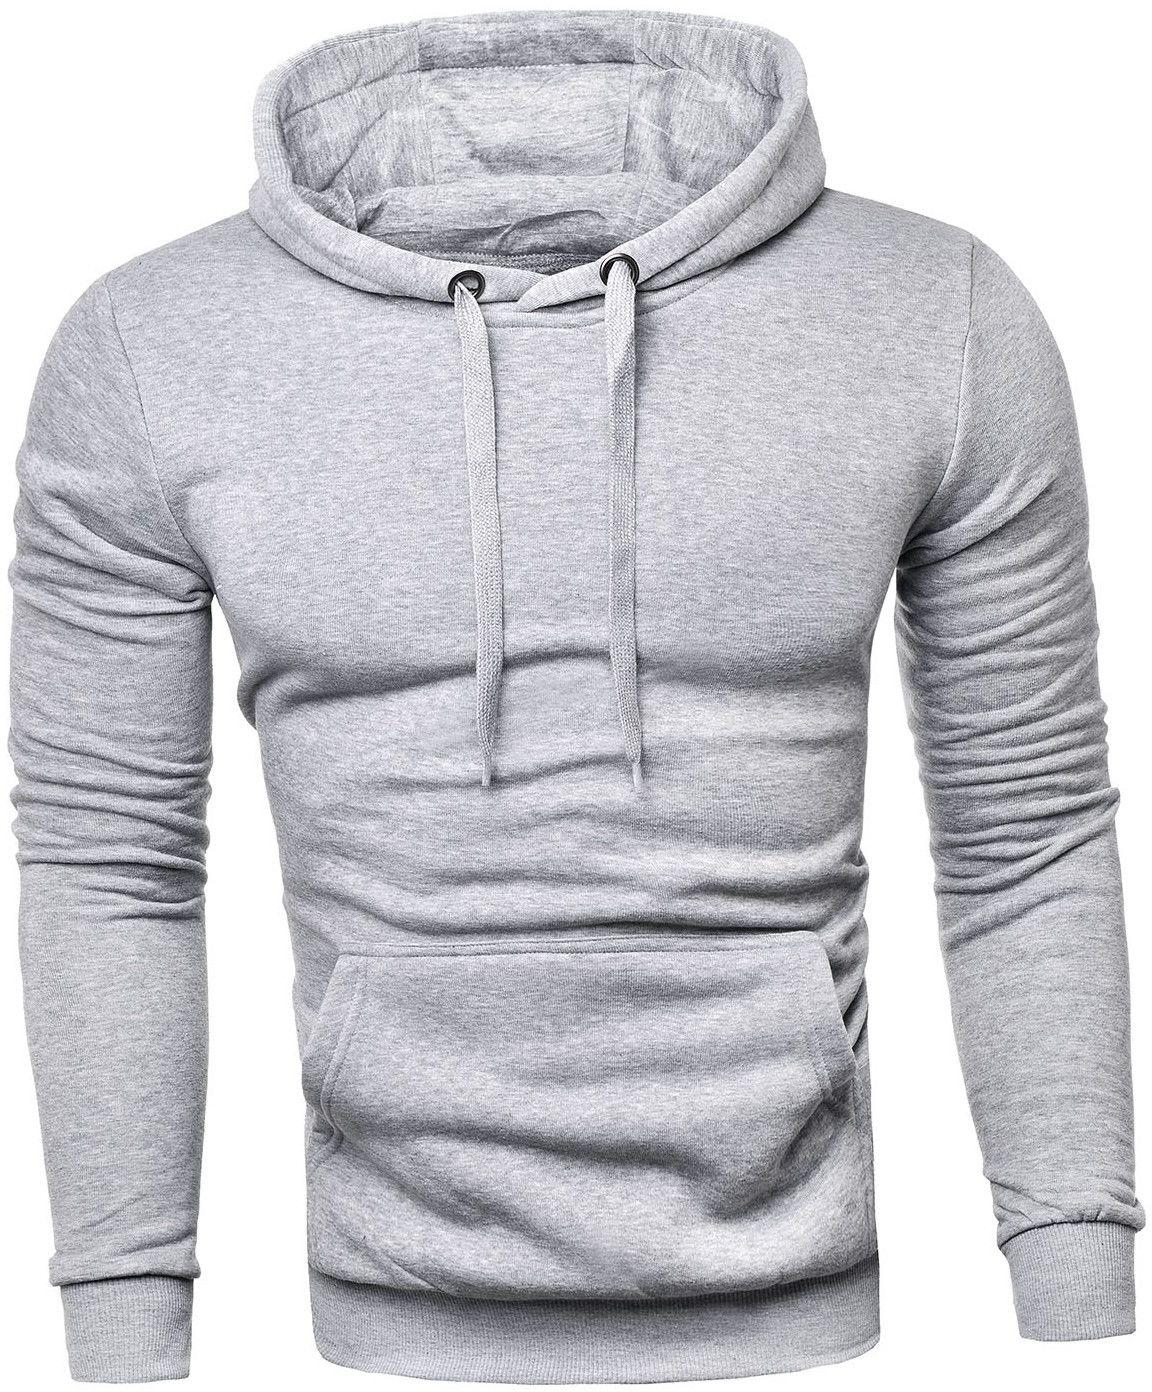 Męska bluza z kapturem sg1 - szara